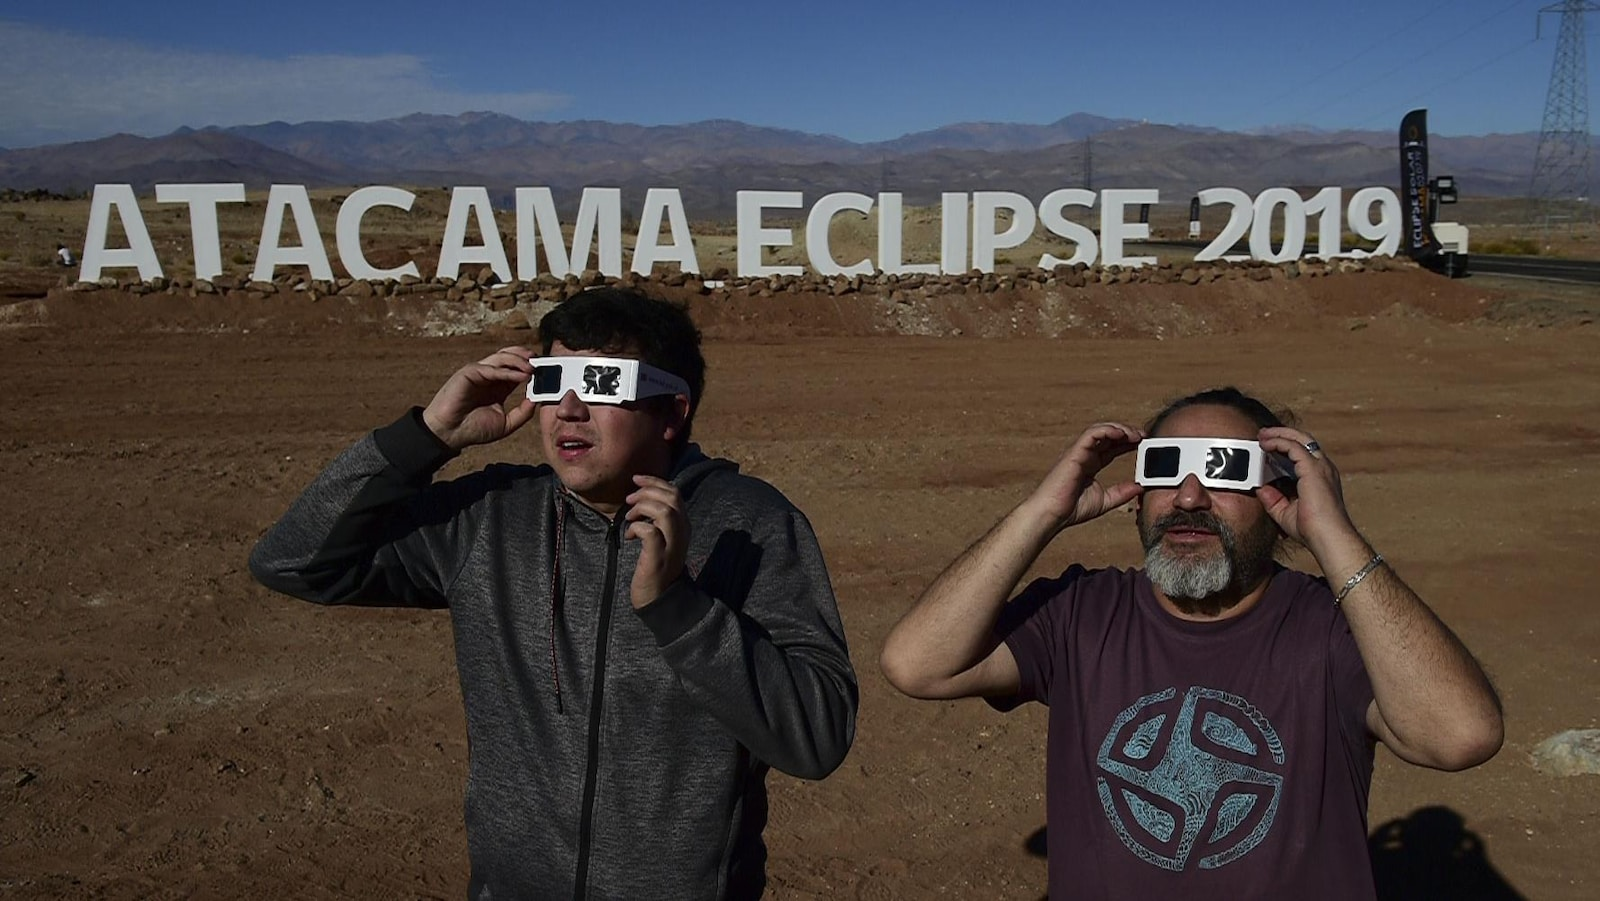 Une éclipse totale de Soleil au-dessus du Chili